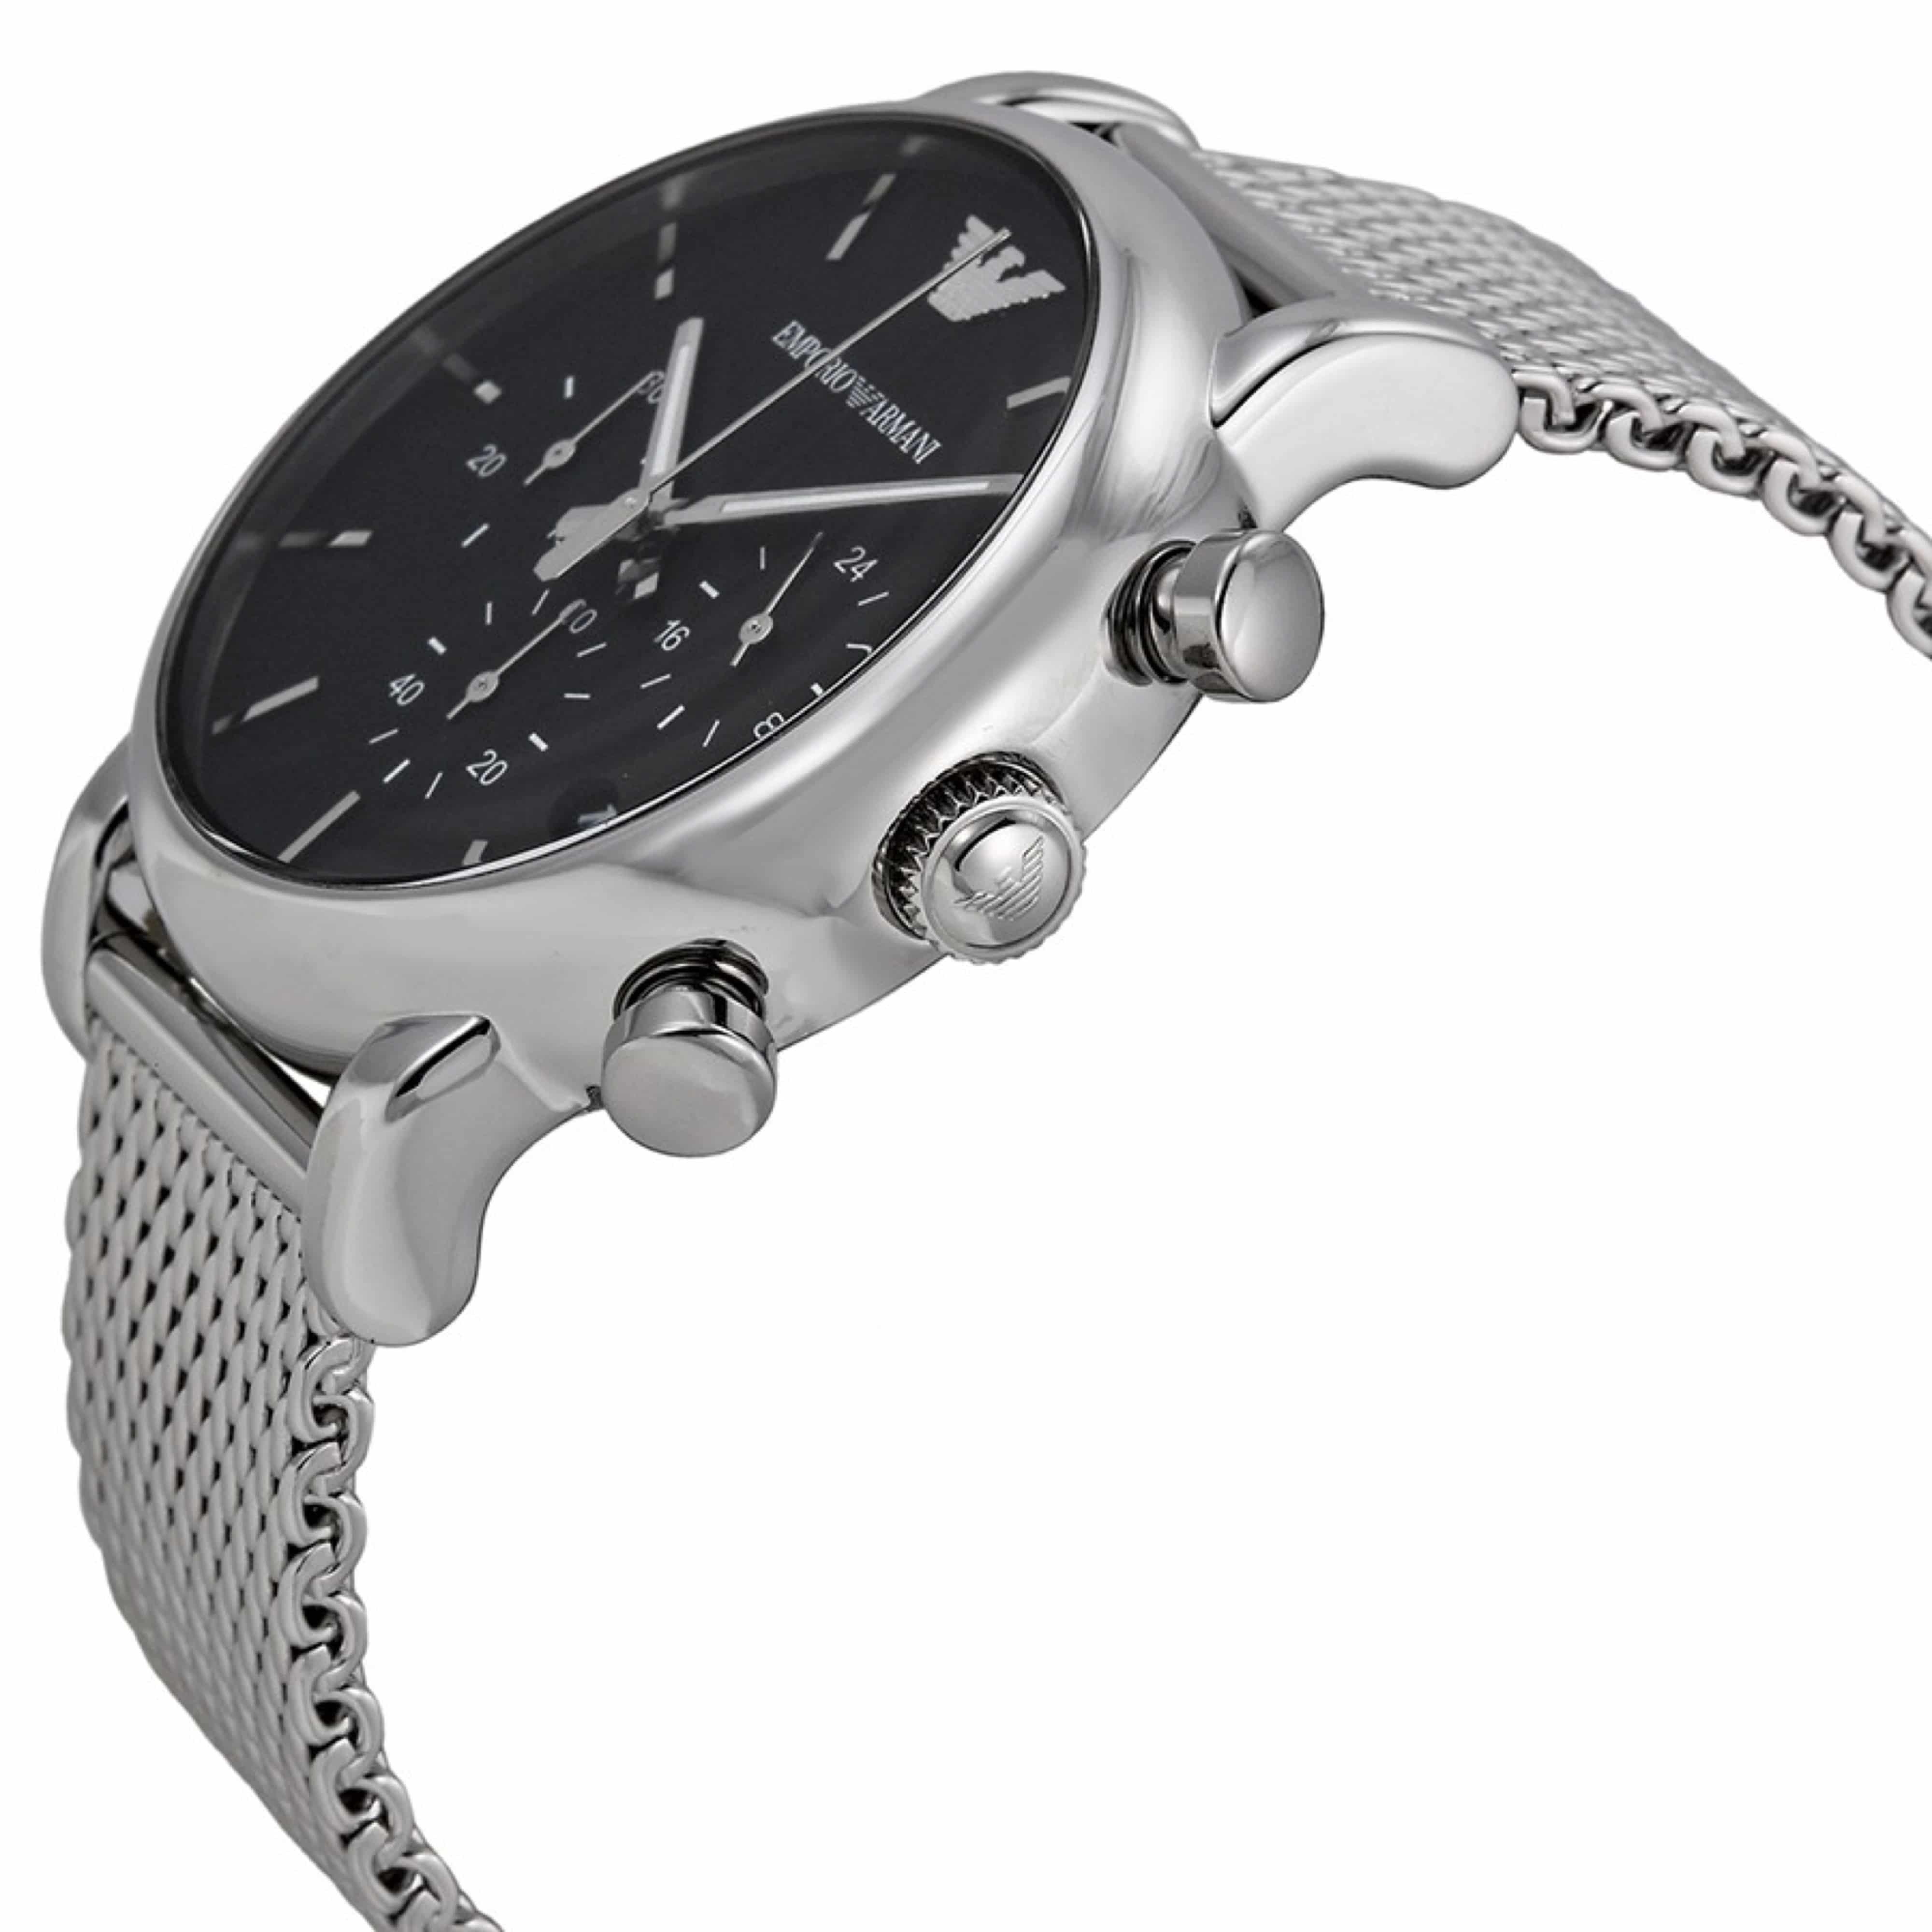 שעון אמפוריו ארמני לגבר Ar1808